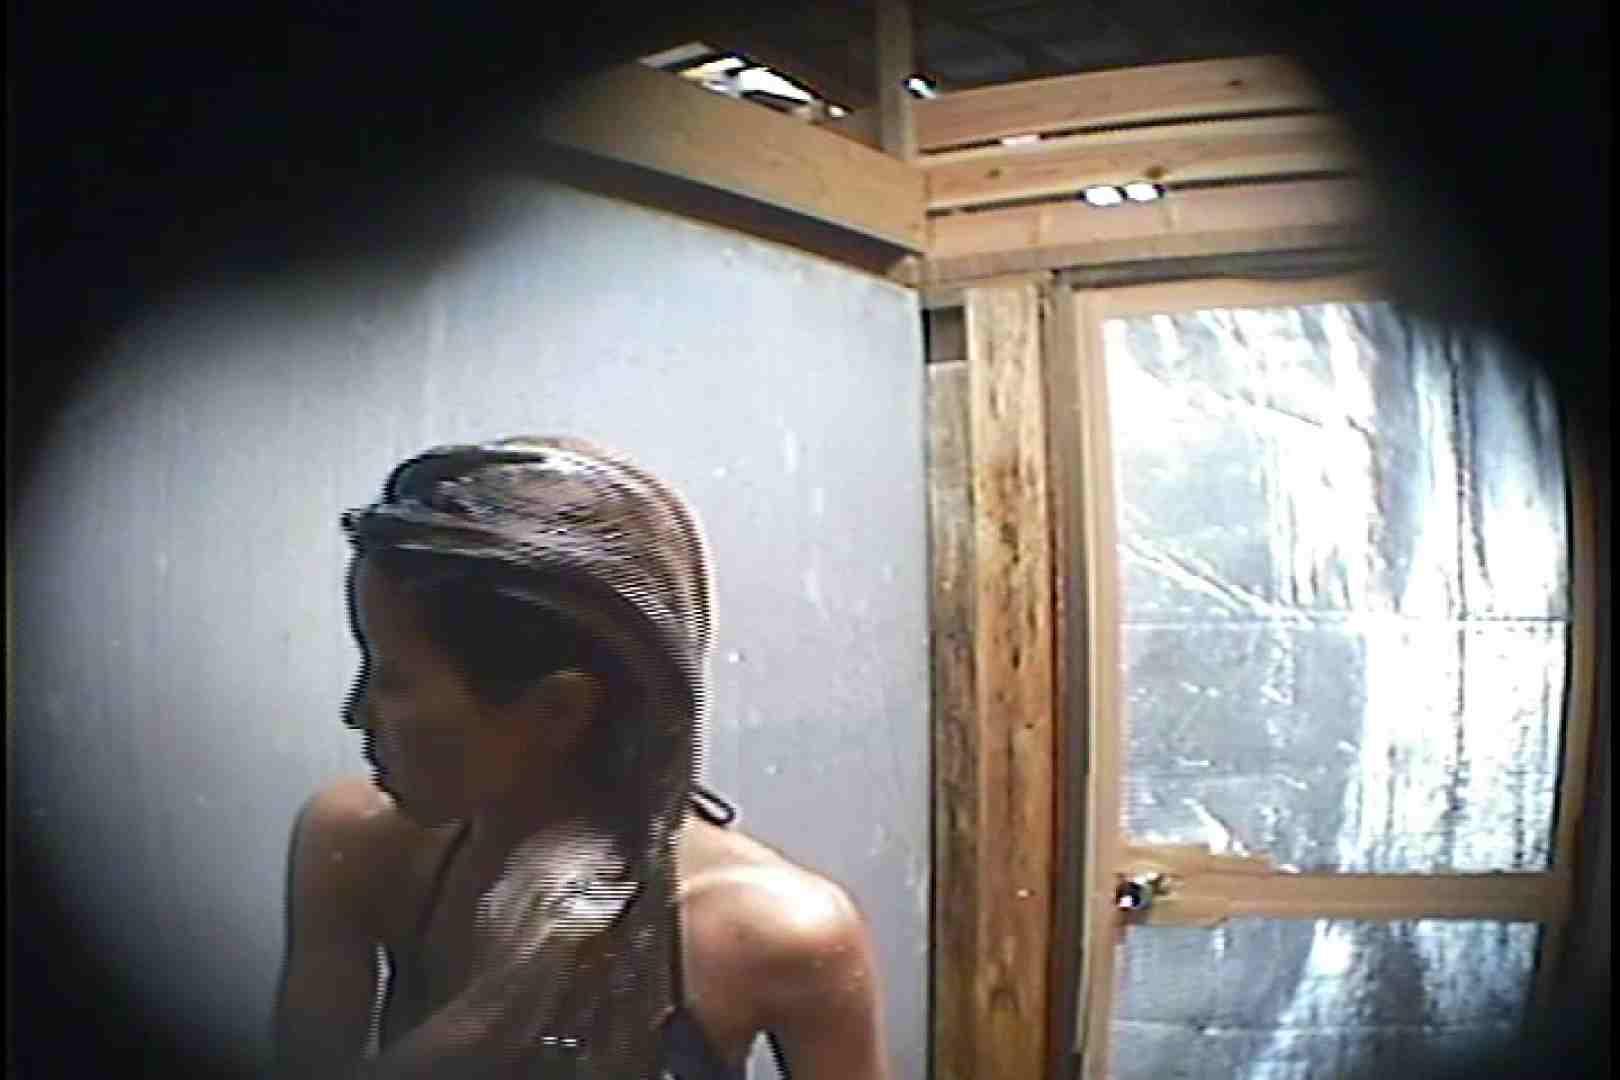 海の家の更衣室 Vol.45 シャワー中 | 美女達のヌード  64連発 24